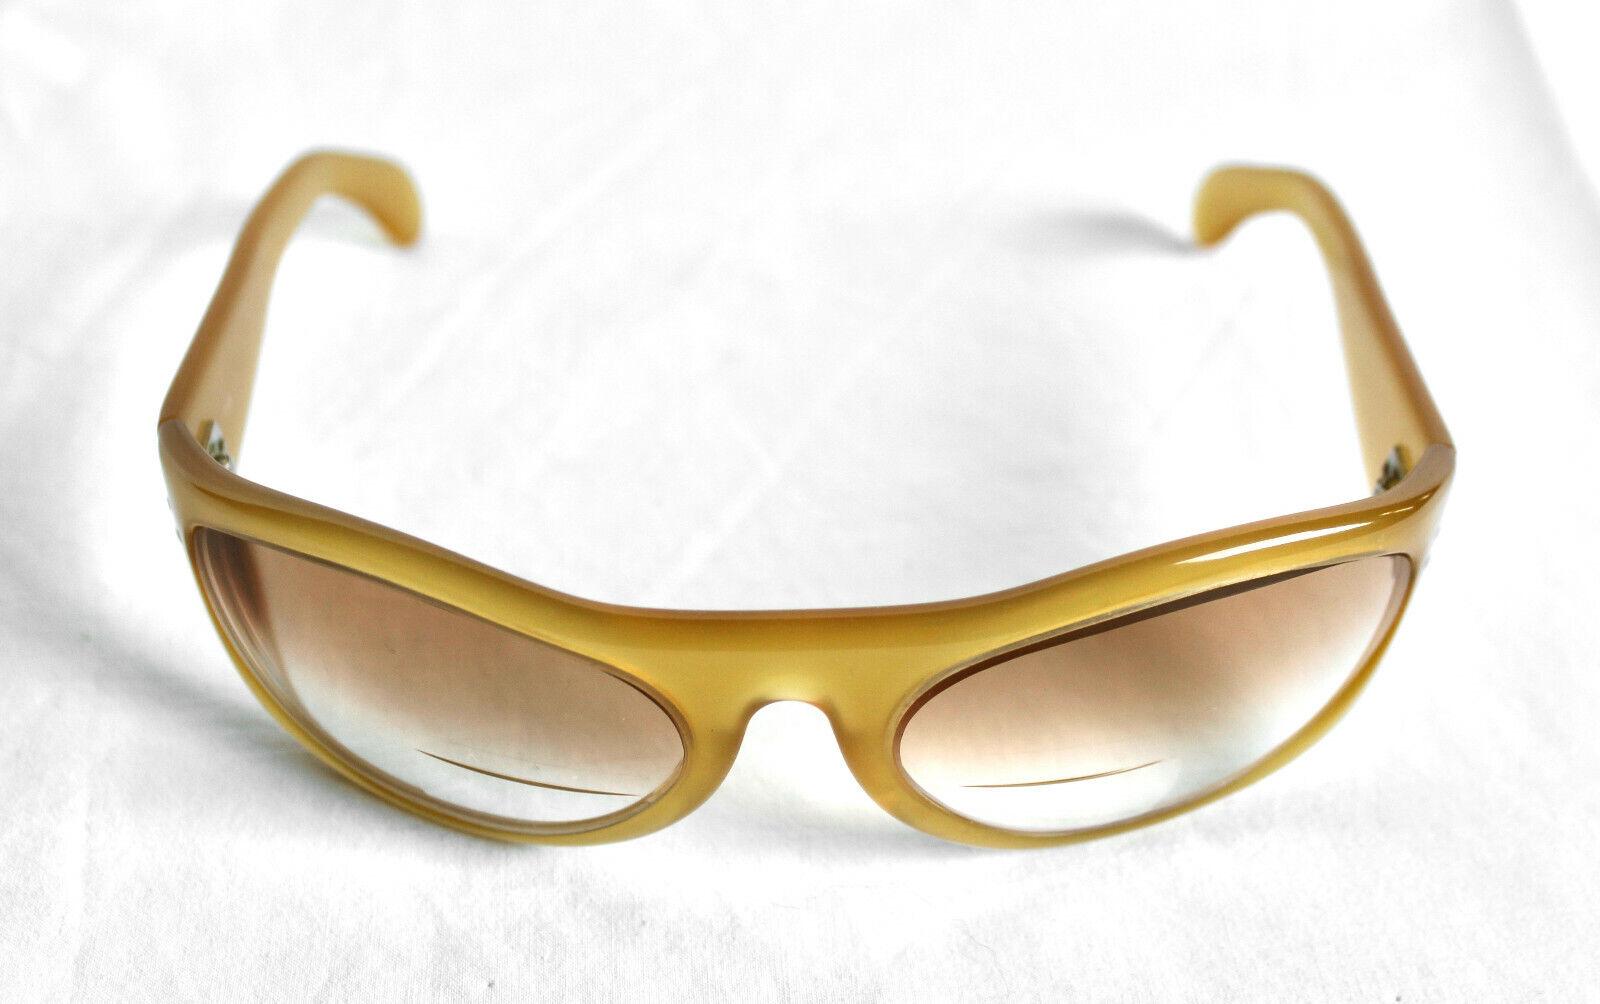 (Cutler & bruto) Vintage Marcos Ovalados miel Wrap gafas de sol (sólo)